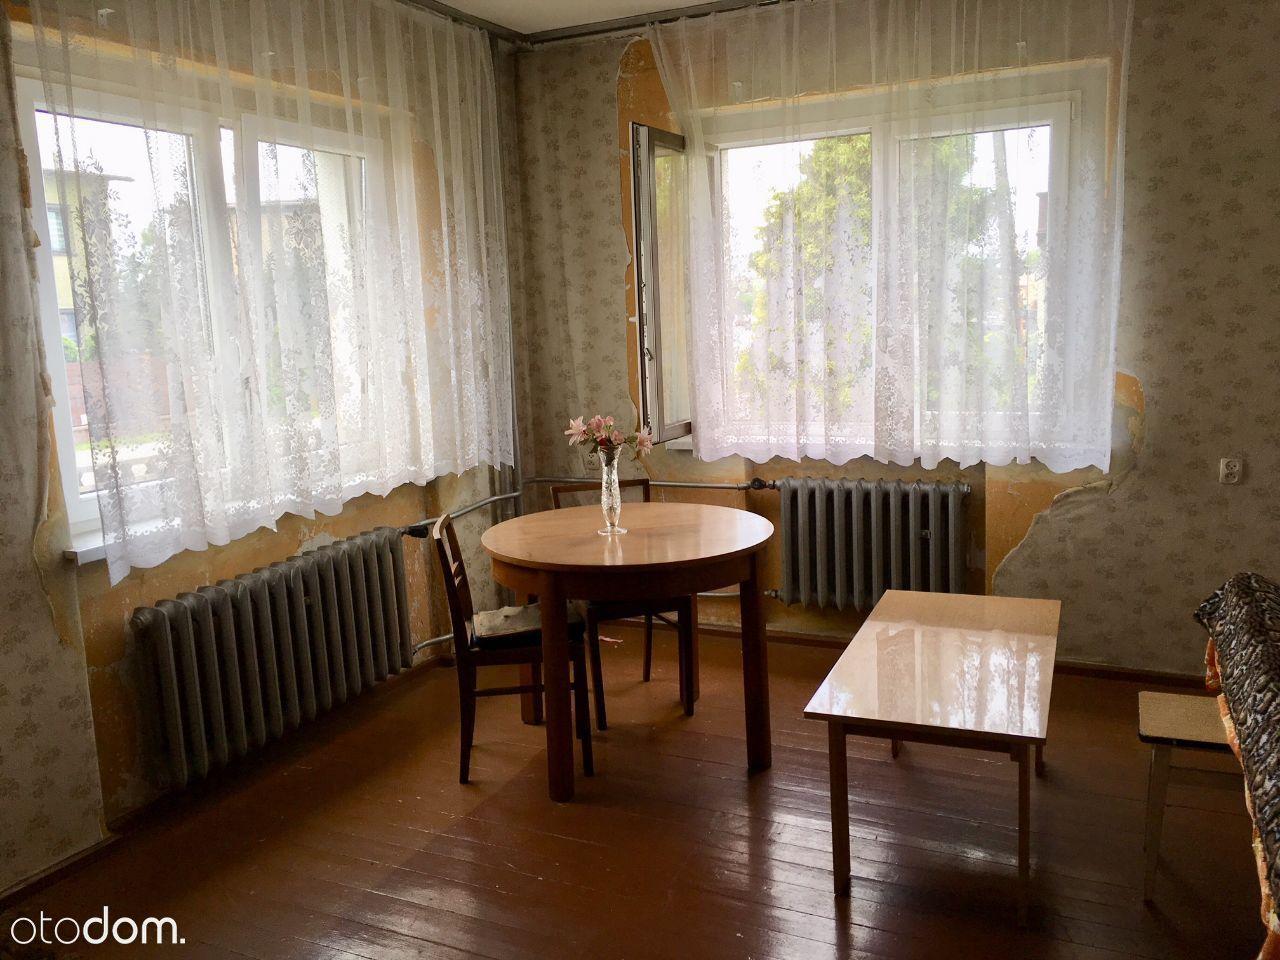 Dom na sprzedaż, Lubliniec, lubliniecki, śląskie - Foto 1